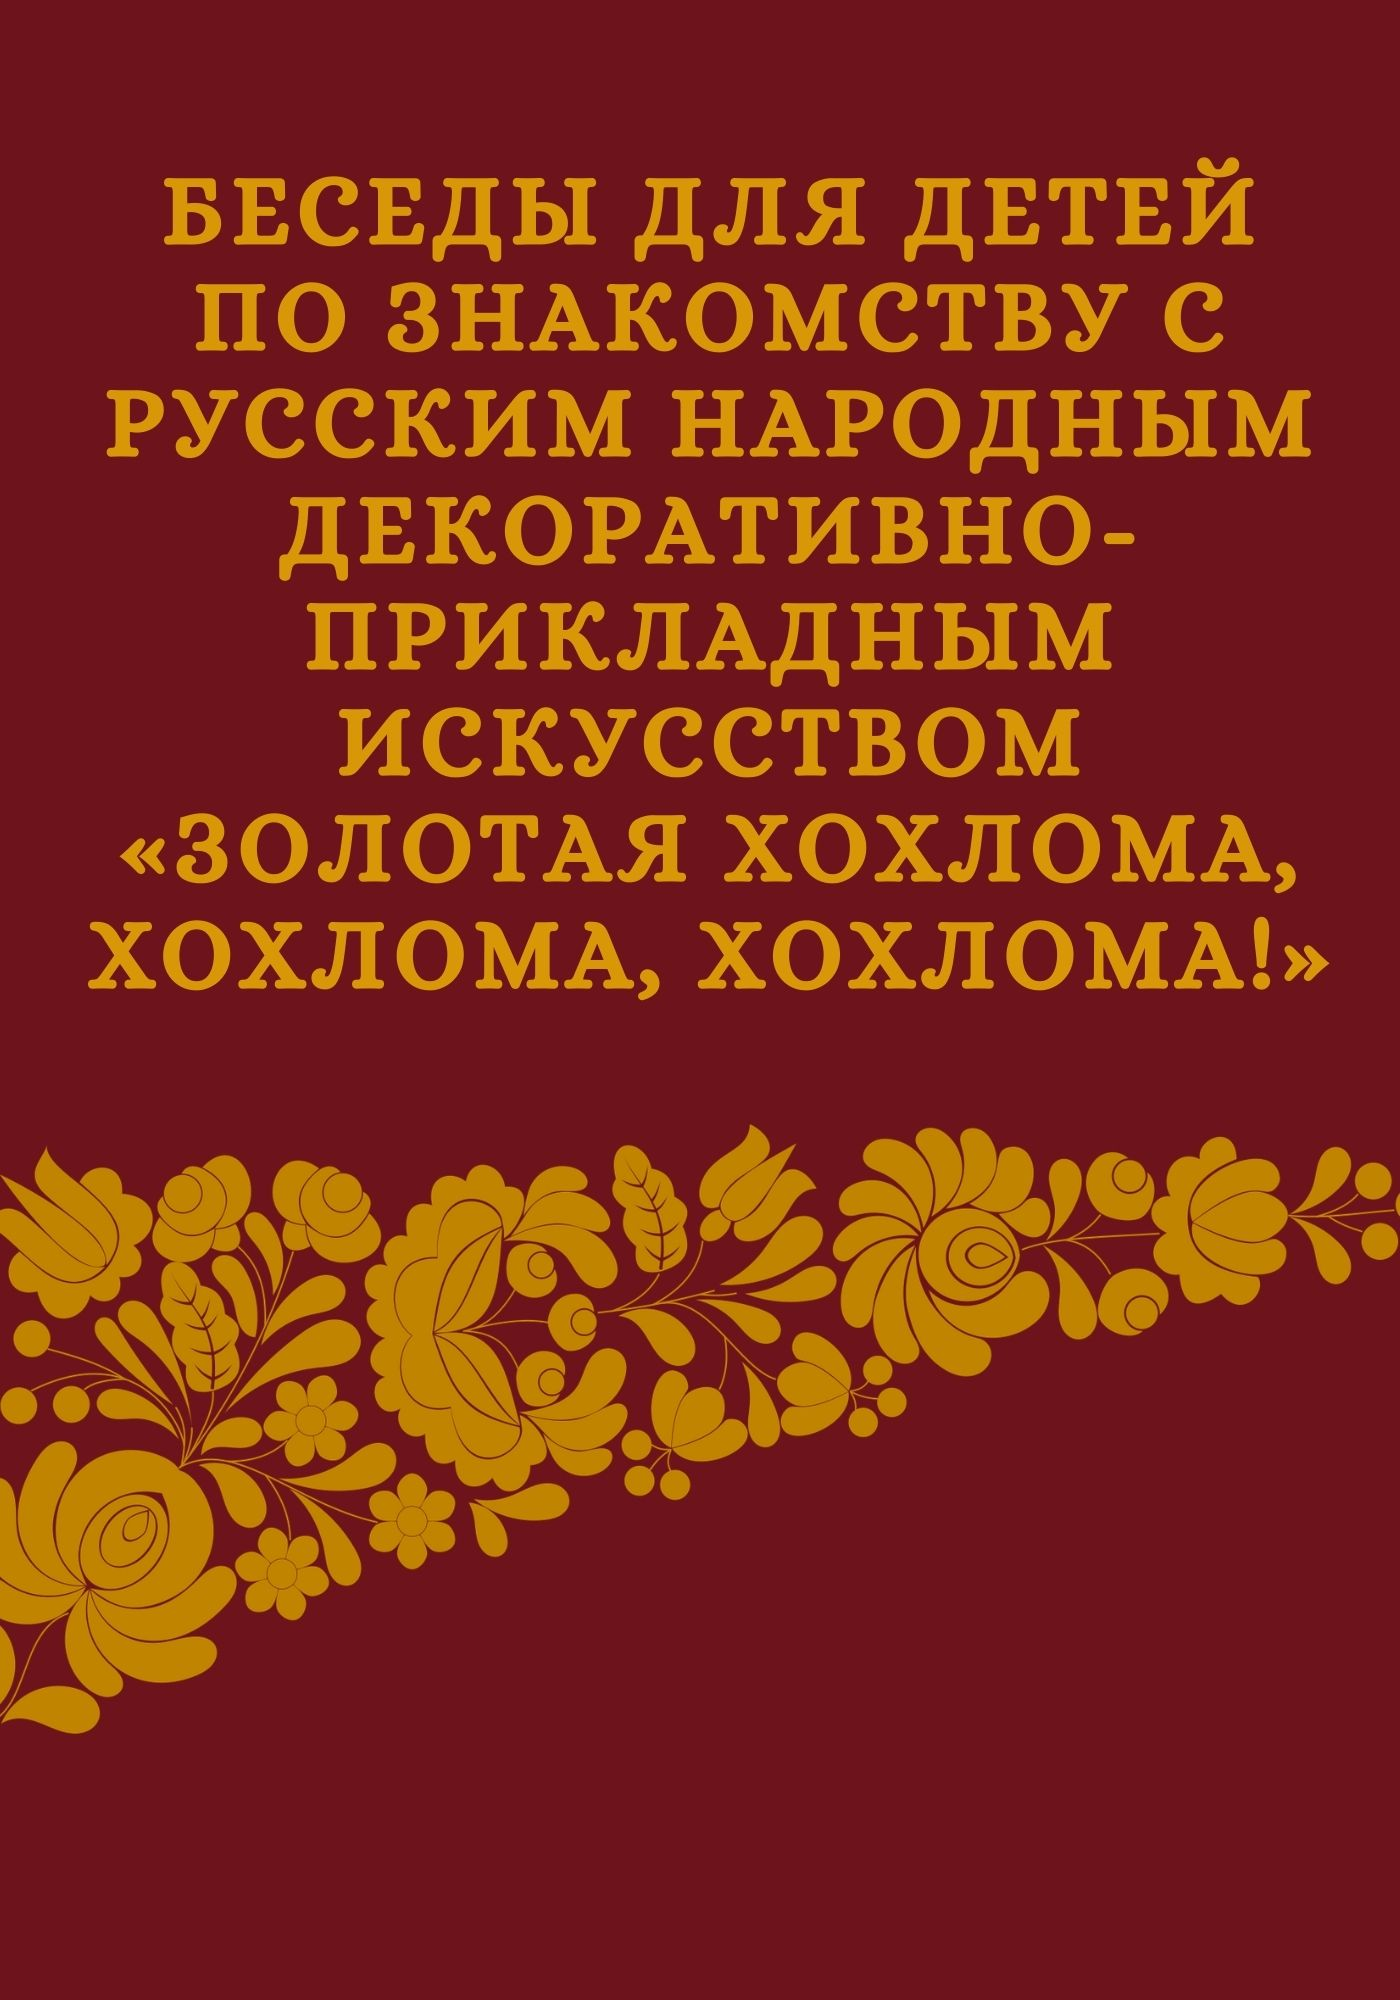 Беседы для детей по знакомству с русским народным декоративно-прикладным искусством «Золотая Хохлома, Хохлома, Хохлома!»